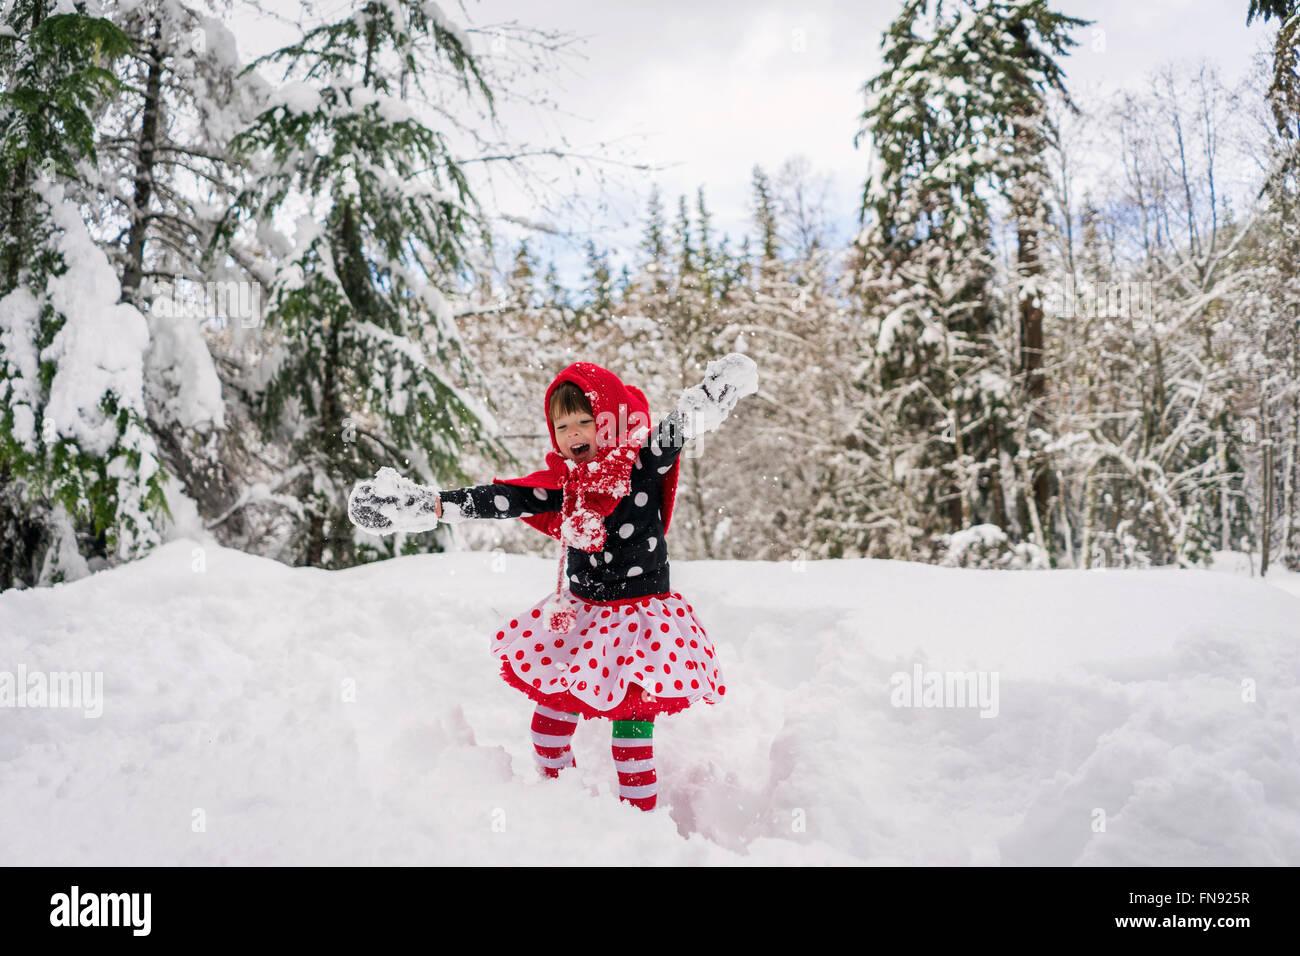 Mädchen im Schnee Herumspielen Stockfoto